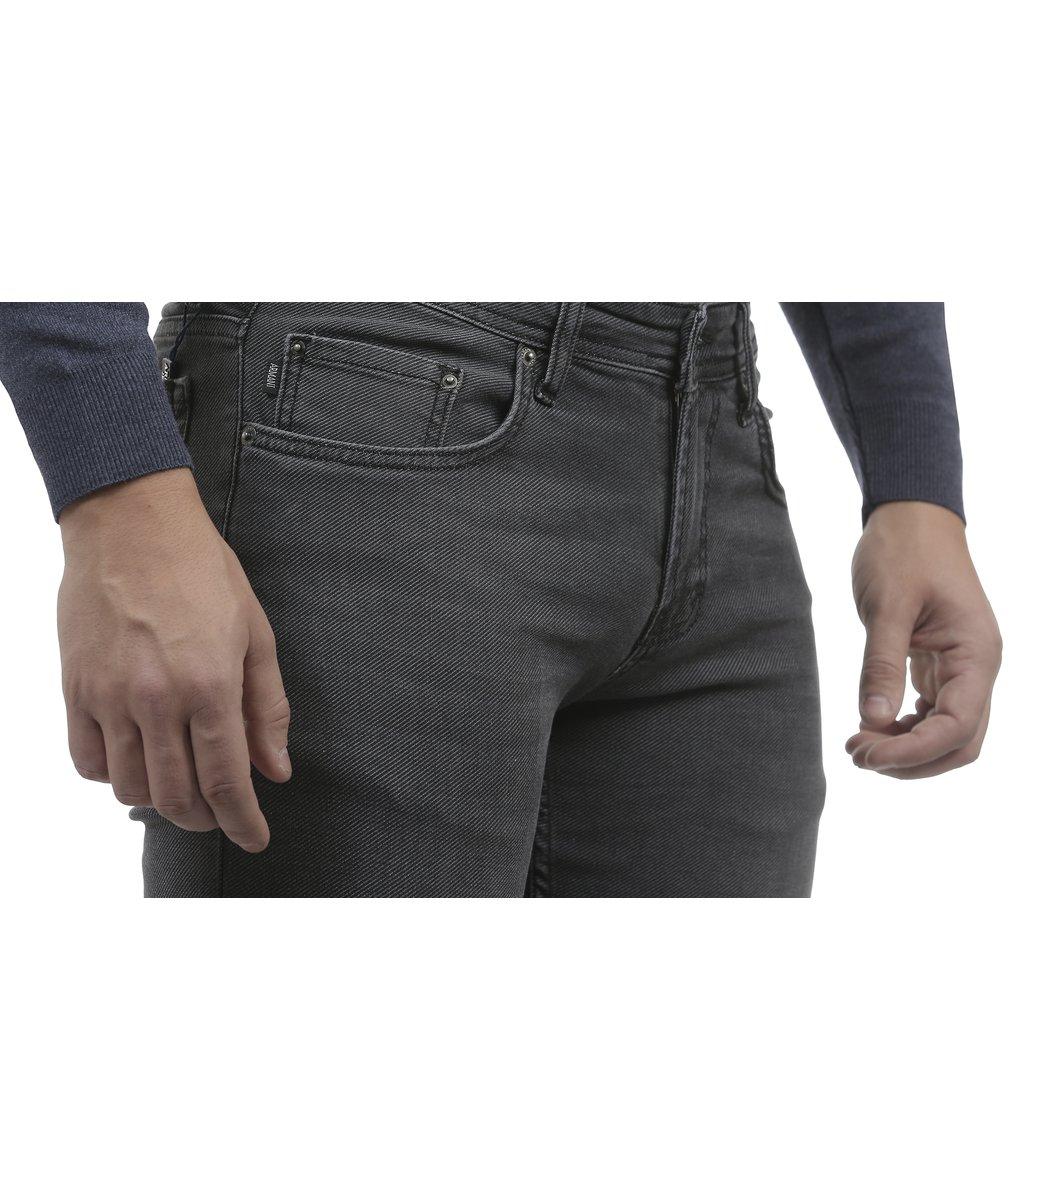 Черные джинсы Giorgio Armani 7653-2 + ремень